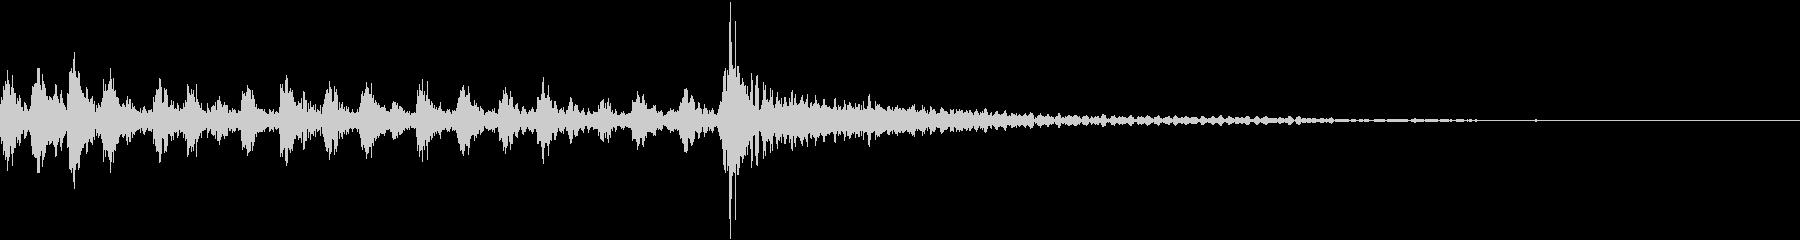 短めのキッチリ止まるタイプのドラムロールの未再生の波形